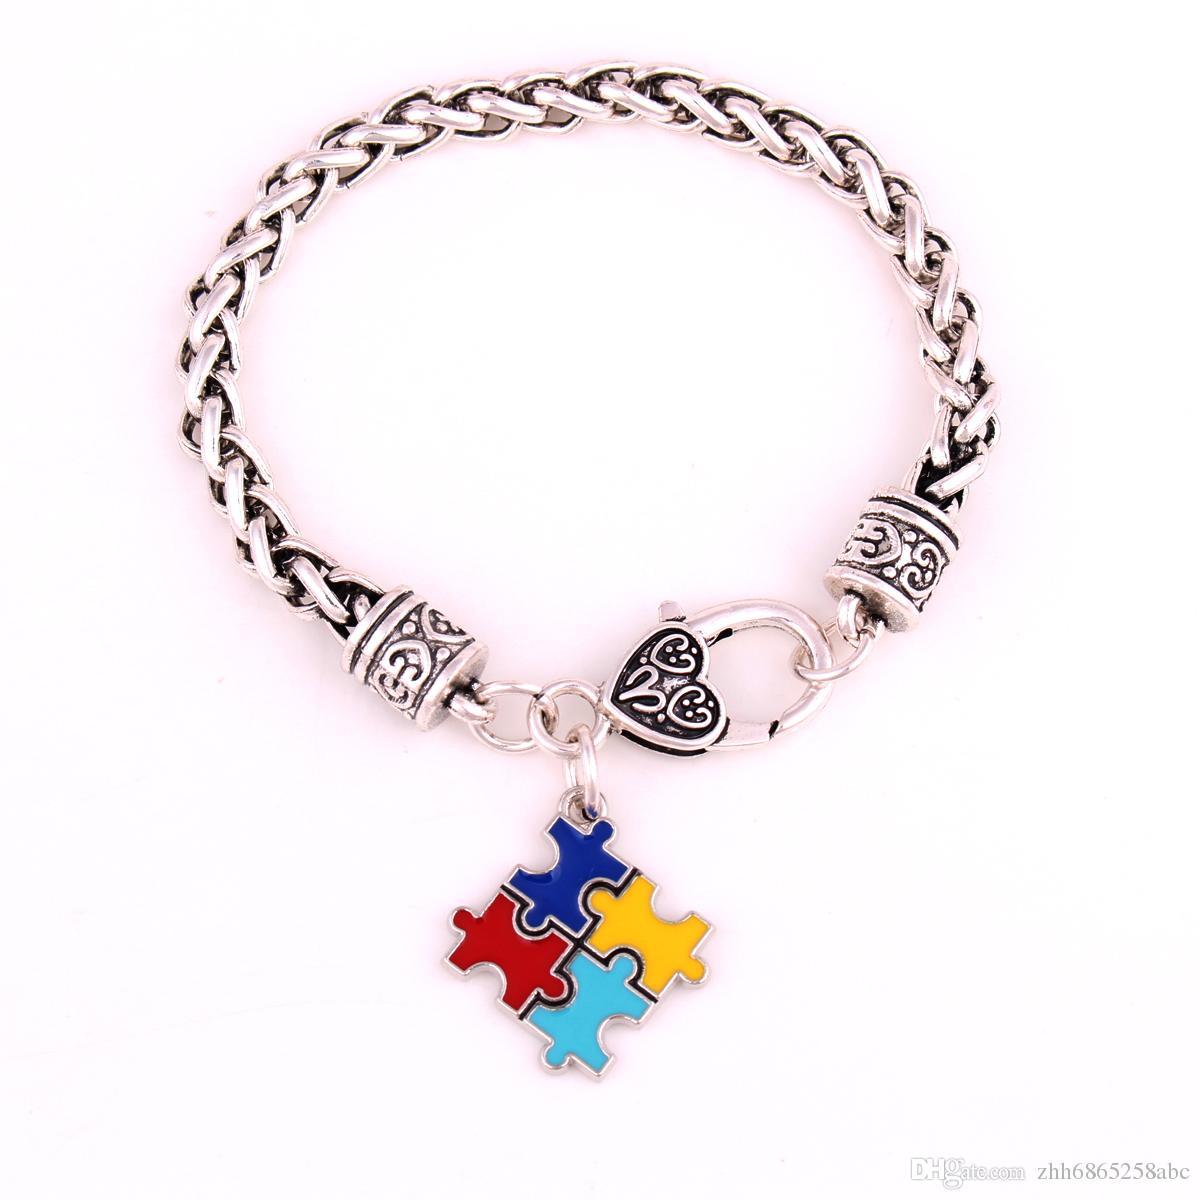 Браслеты сплава цинка эмаль аутизм осведомленности головоломки кусок аутистический браслет для 10 шт. / лот